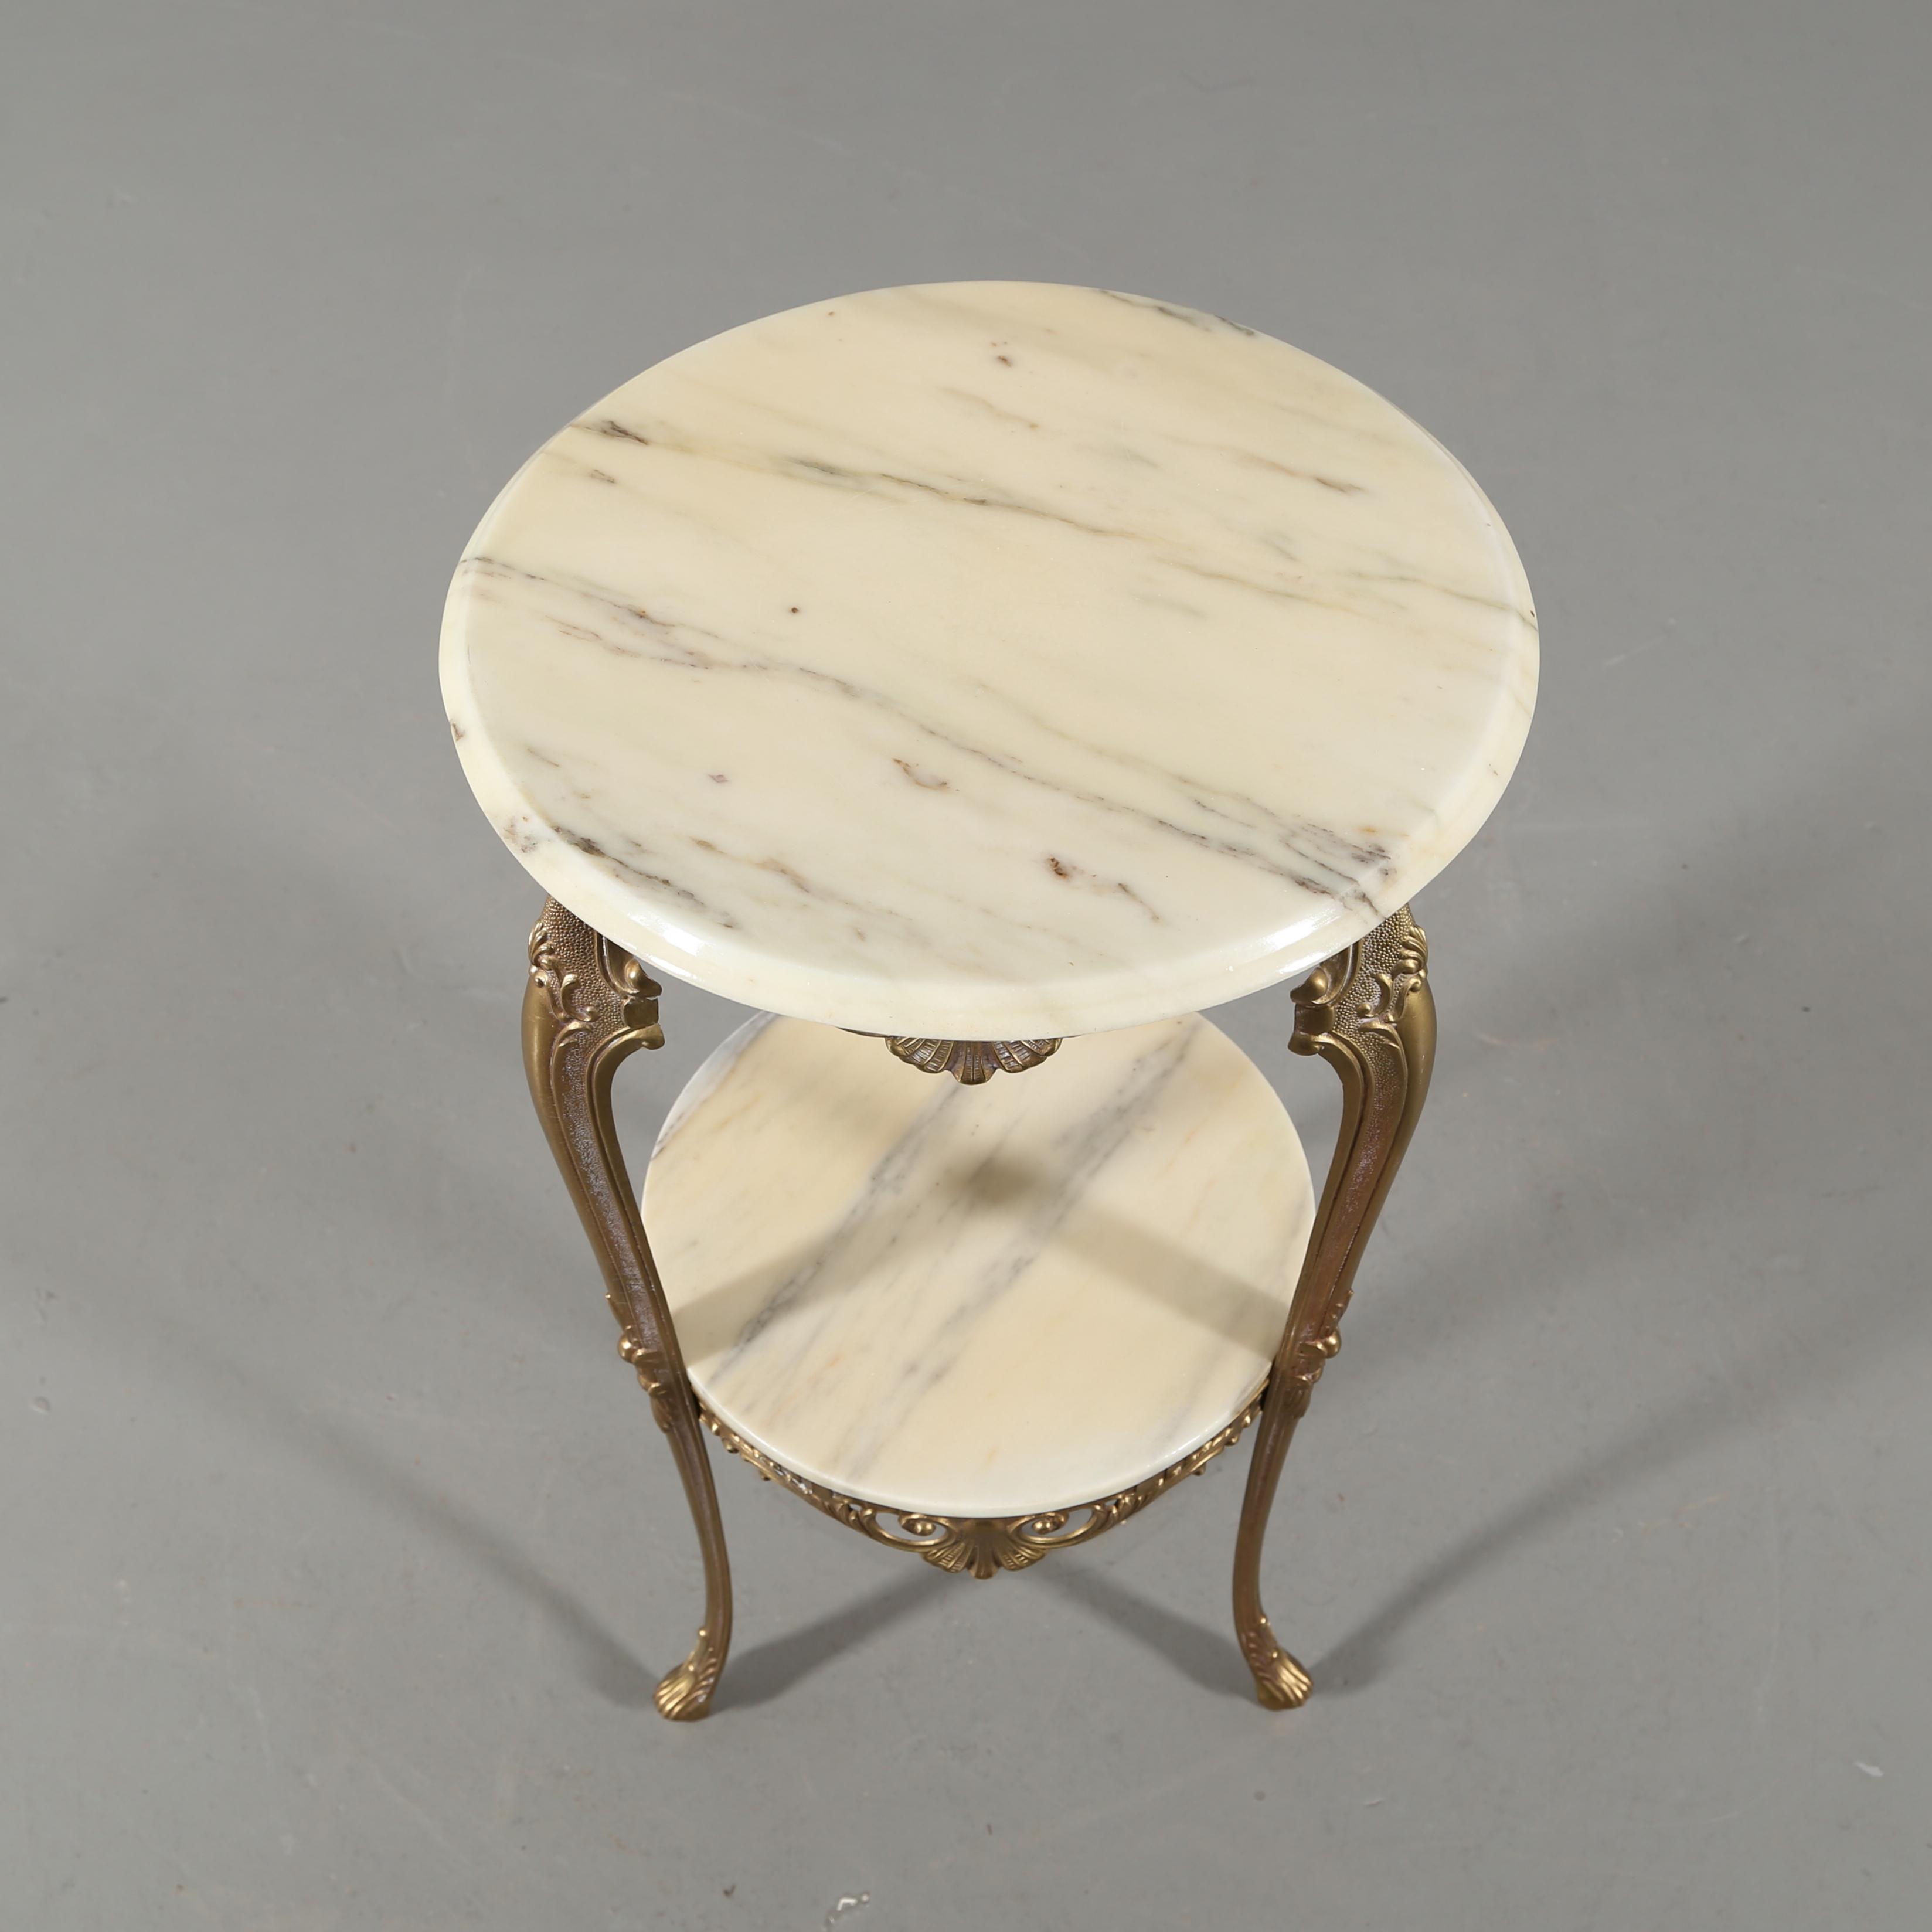 Bilder för 587524 KLäDHäNGARE och PIEDESTAL, metall och marmor, 1900 talets andra hälft